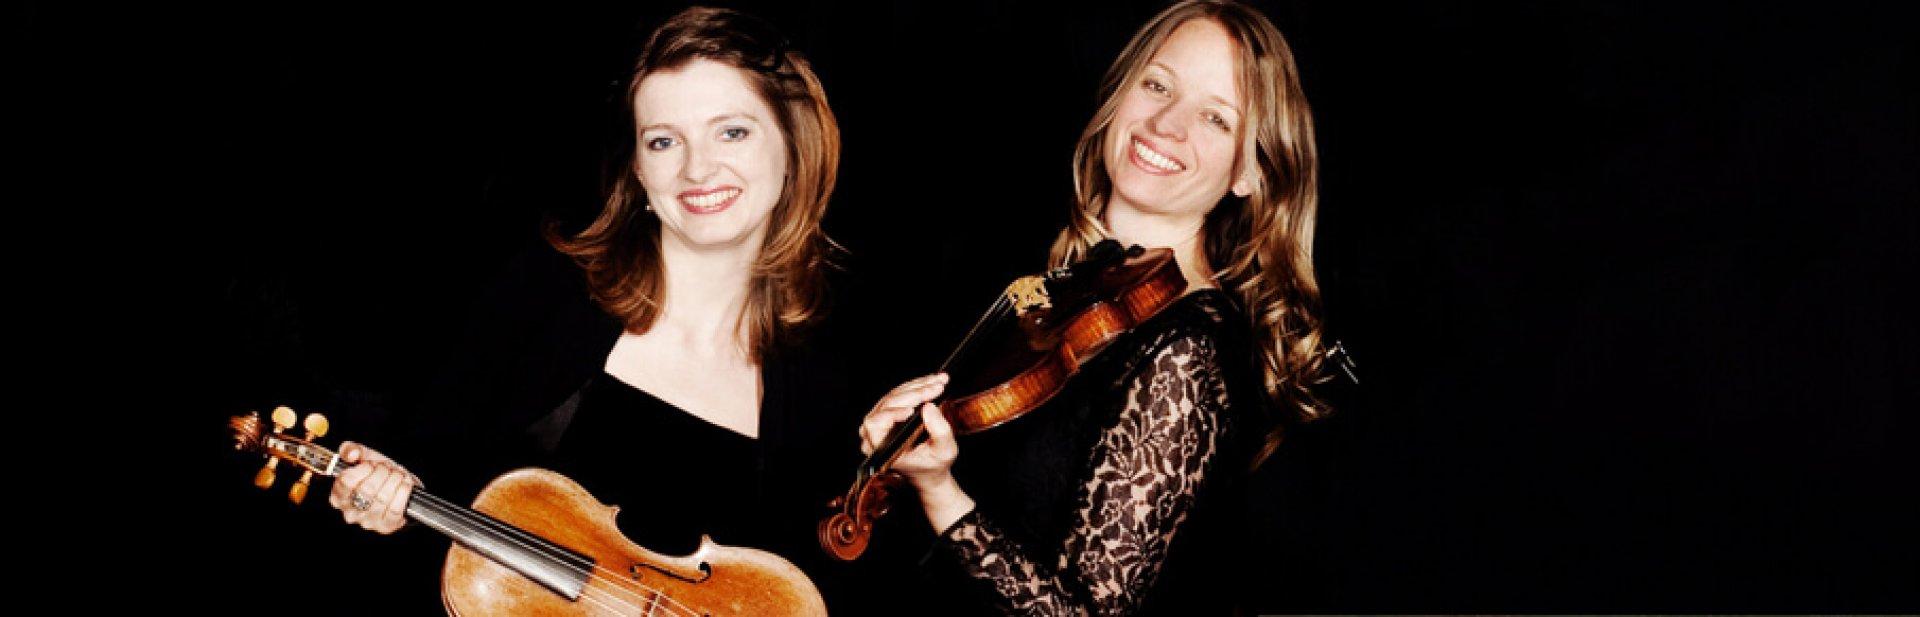 Zwei Künstlerinnen des Bach Consort